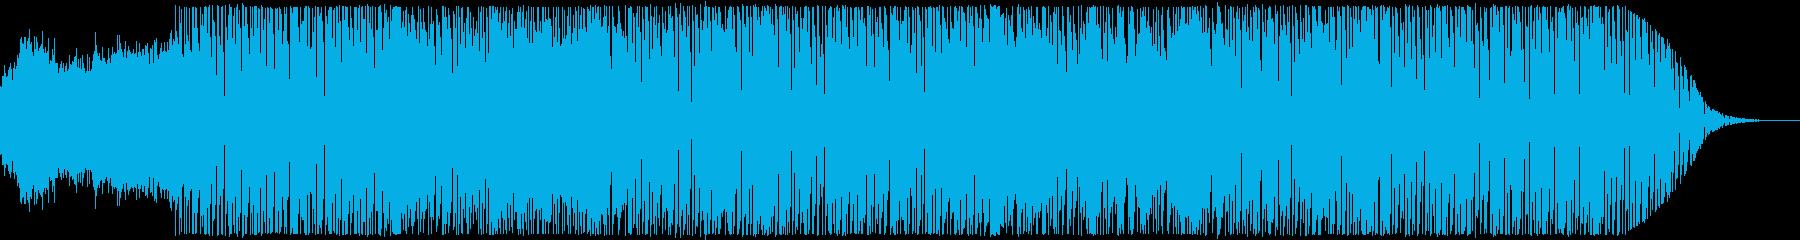 往年のカンフー映画風テクノポップの再生済みの波形